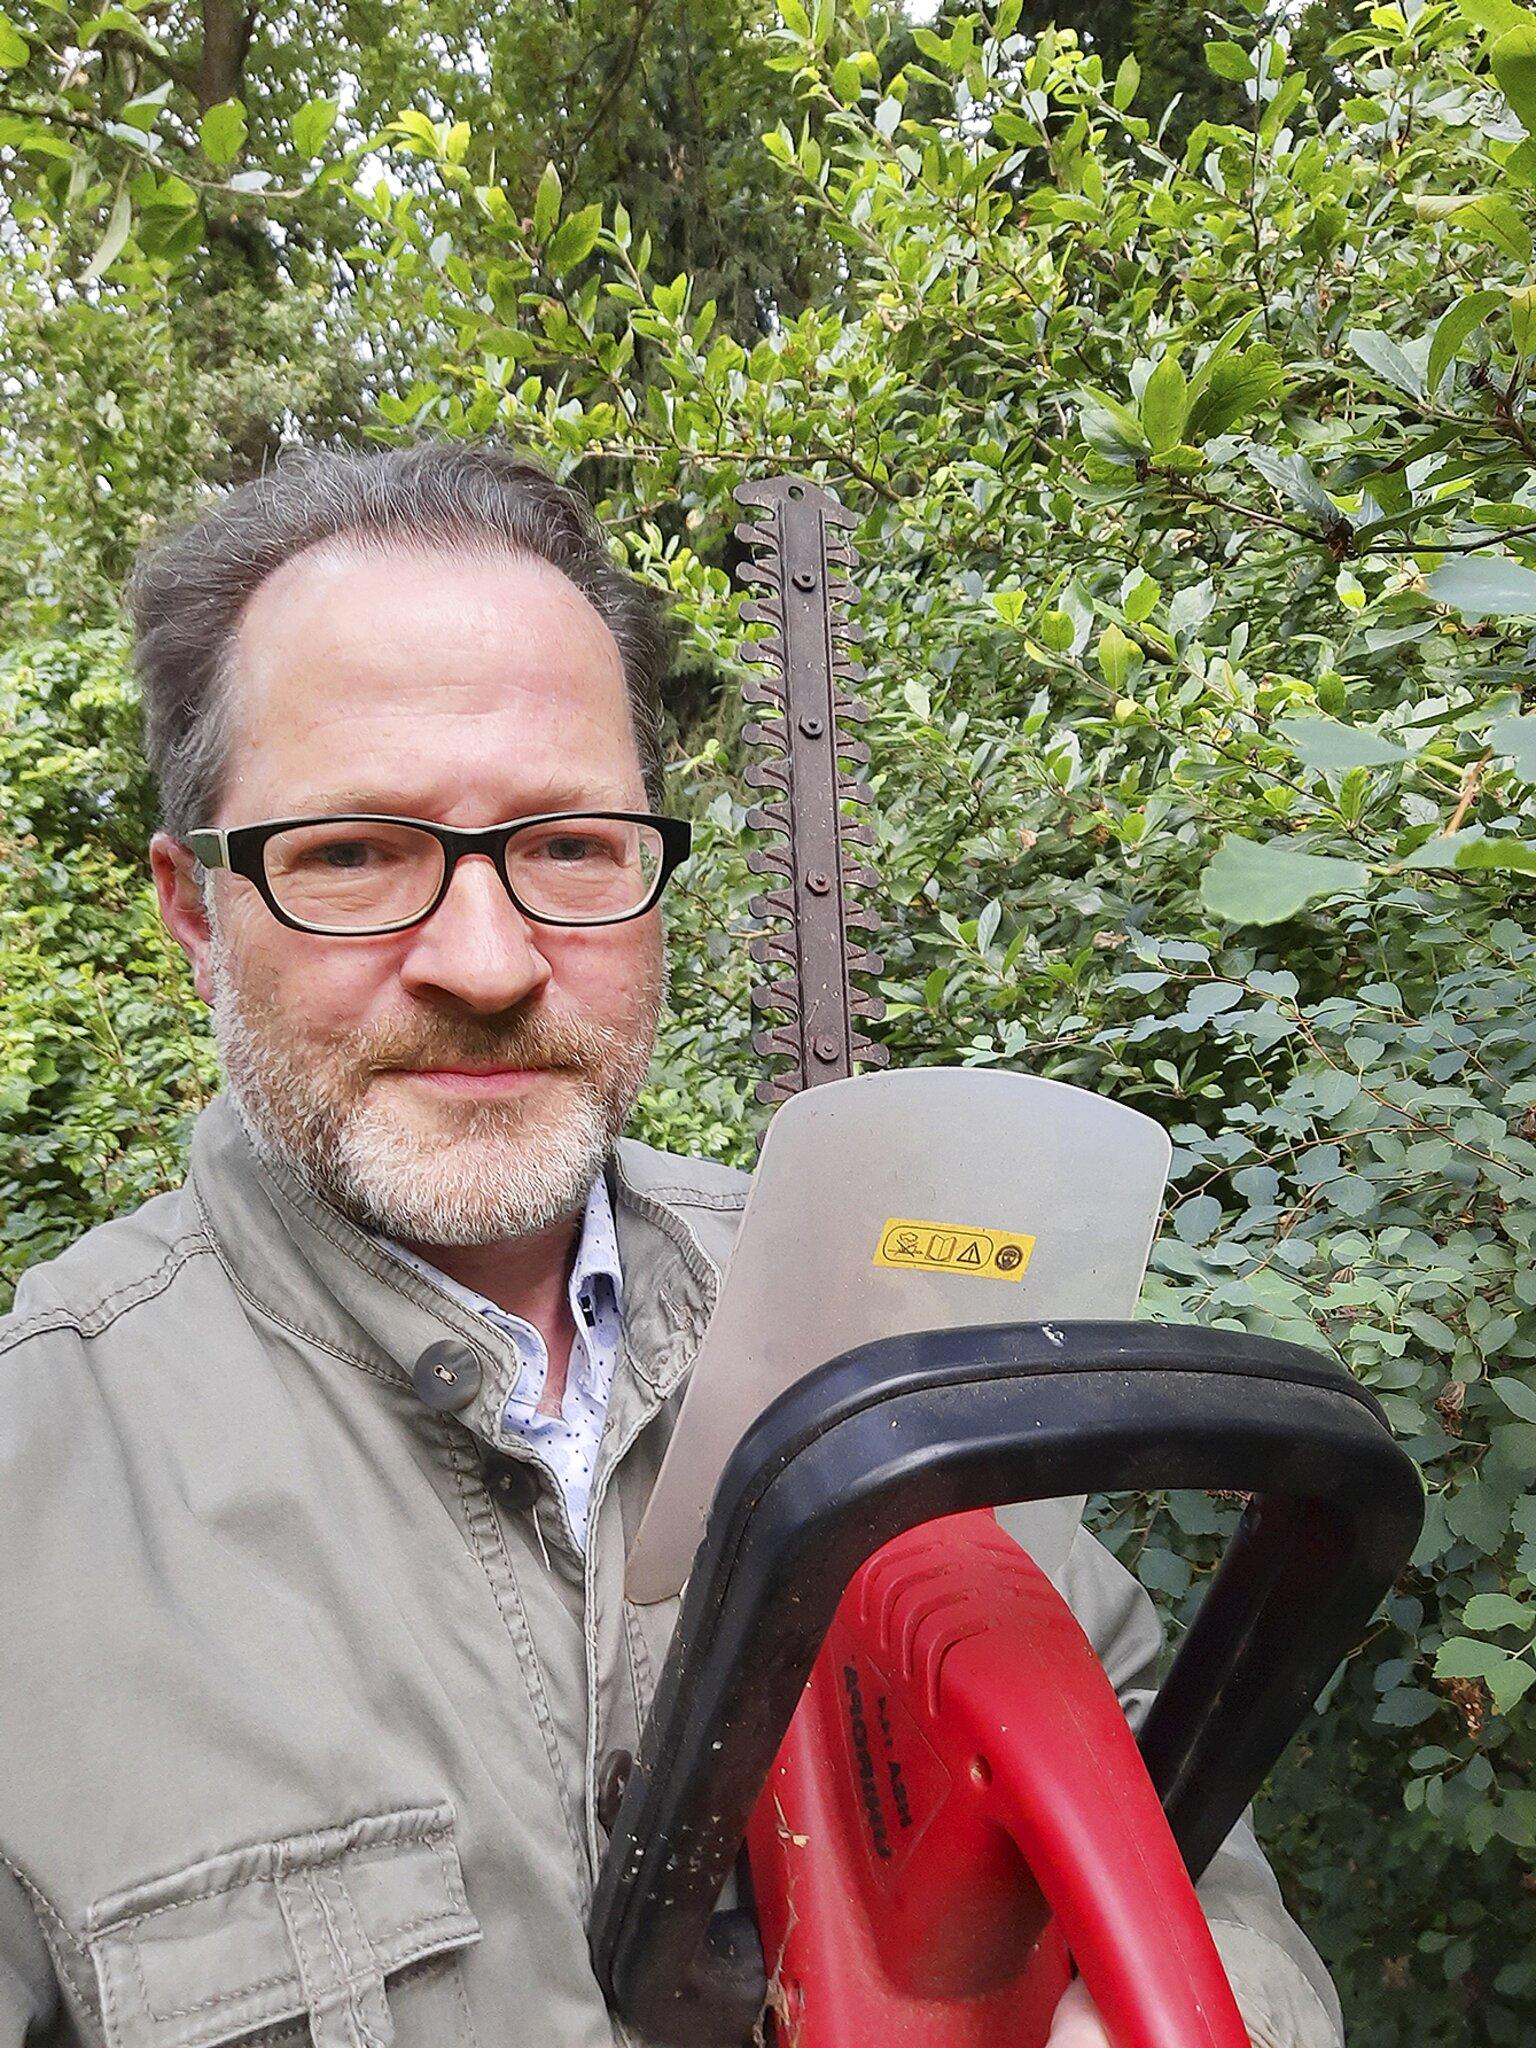 Redaktionsleiter Tom Kreib packt an und ist neugierig auf Ihre Projekte                                                                  Rackern statt Urlaub: Was machen Sie so?